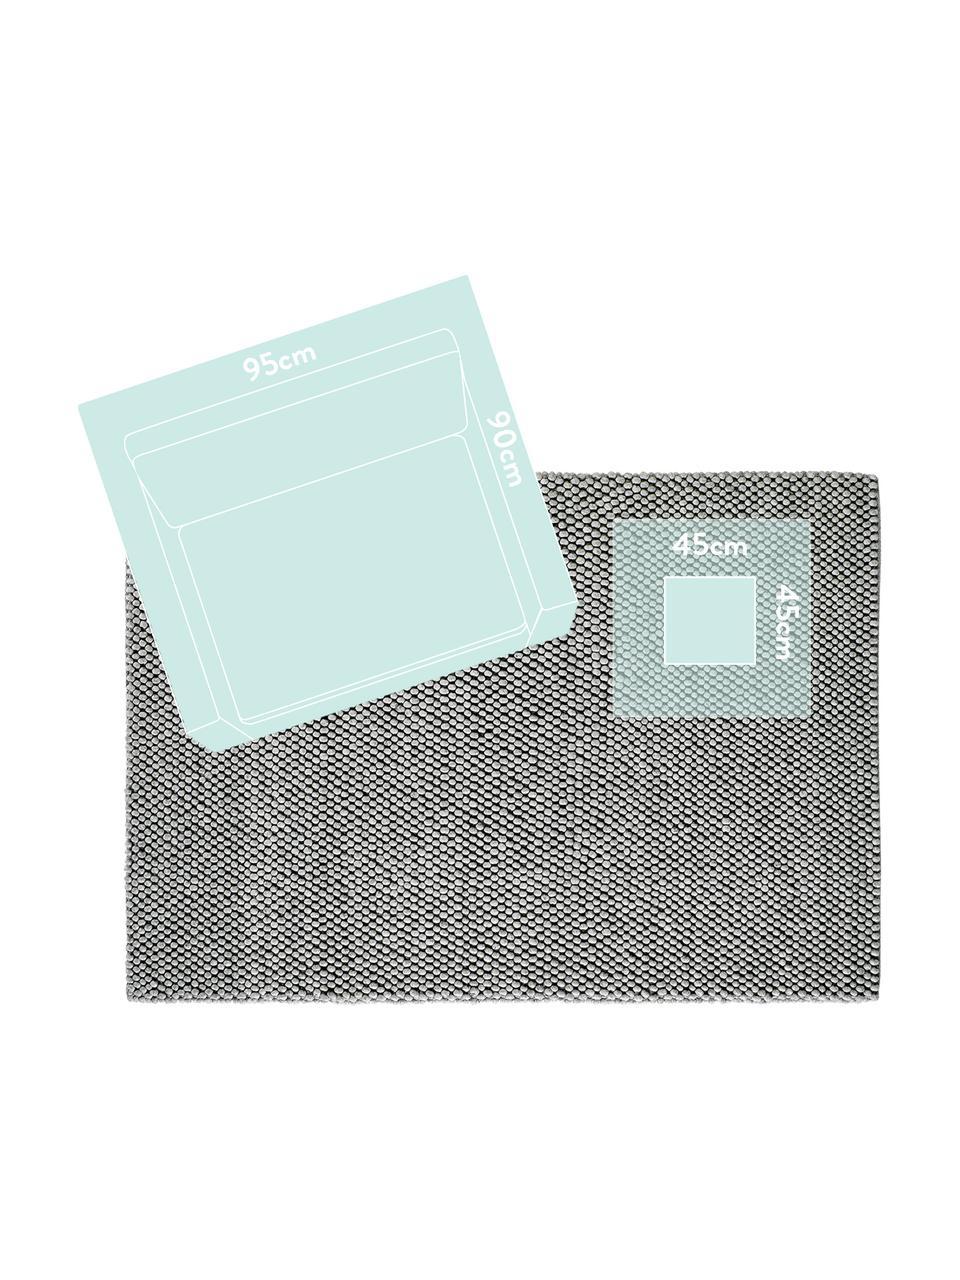 Tappeto in lana fatto a mano My Loft, Retro: cotone, Grigio argento, Larg. 160 x Lung. 230 cm (taglia M)